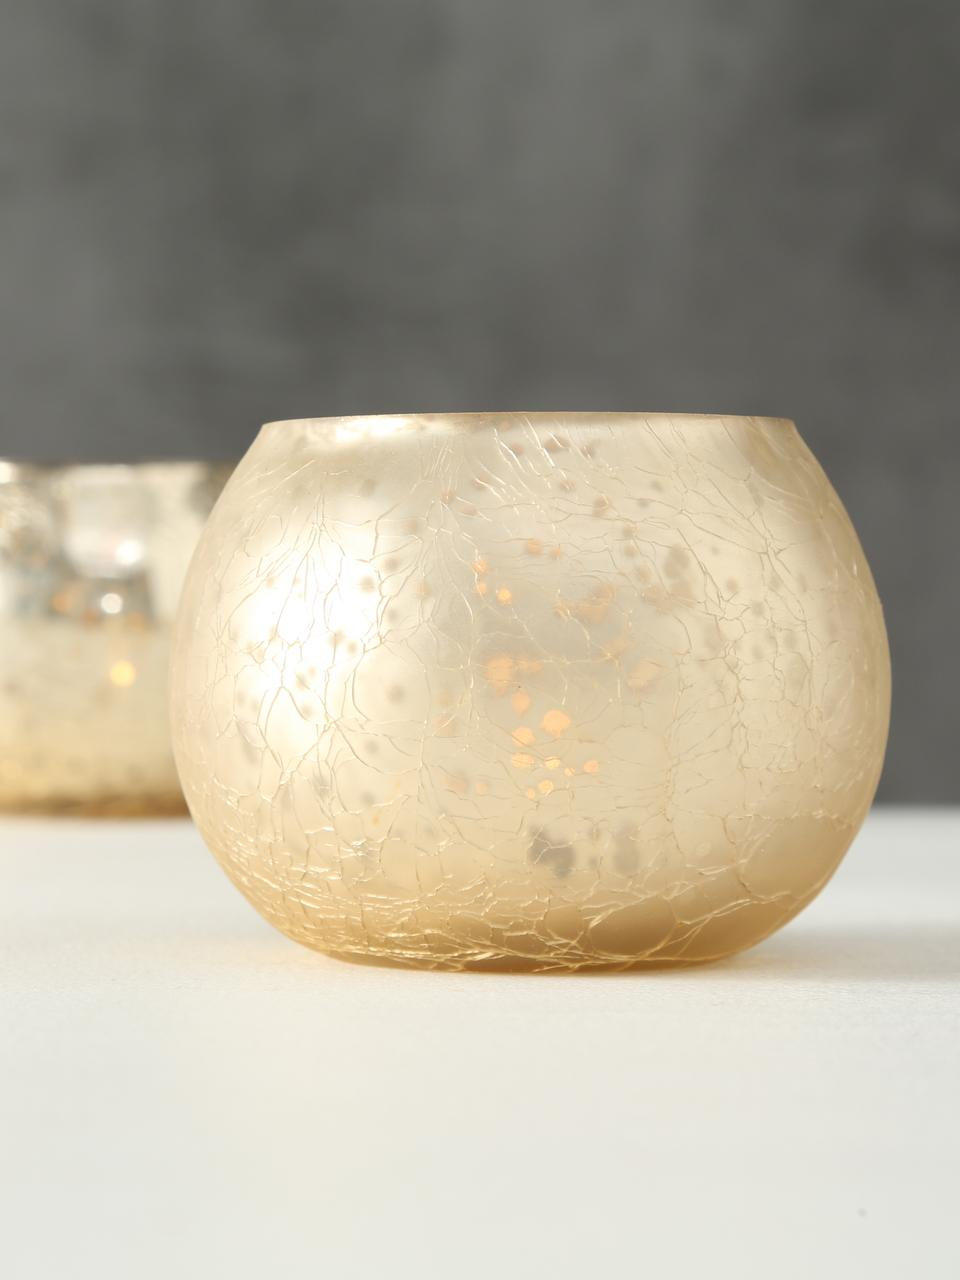 Windlichtenset Grusha, 2-delig, Gelakt glas, Mat en glanzend champagnekleurig, Ø 7 x H 6 cm